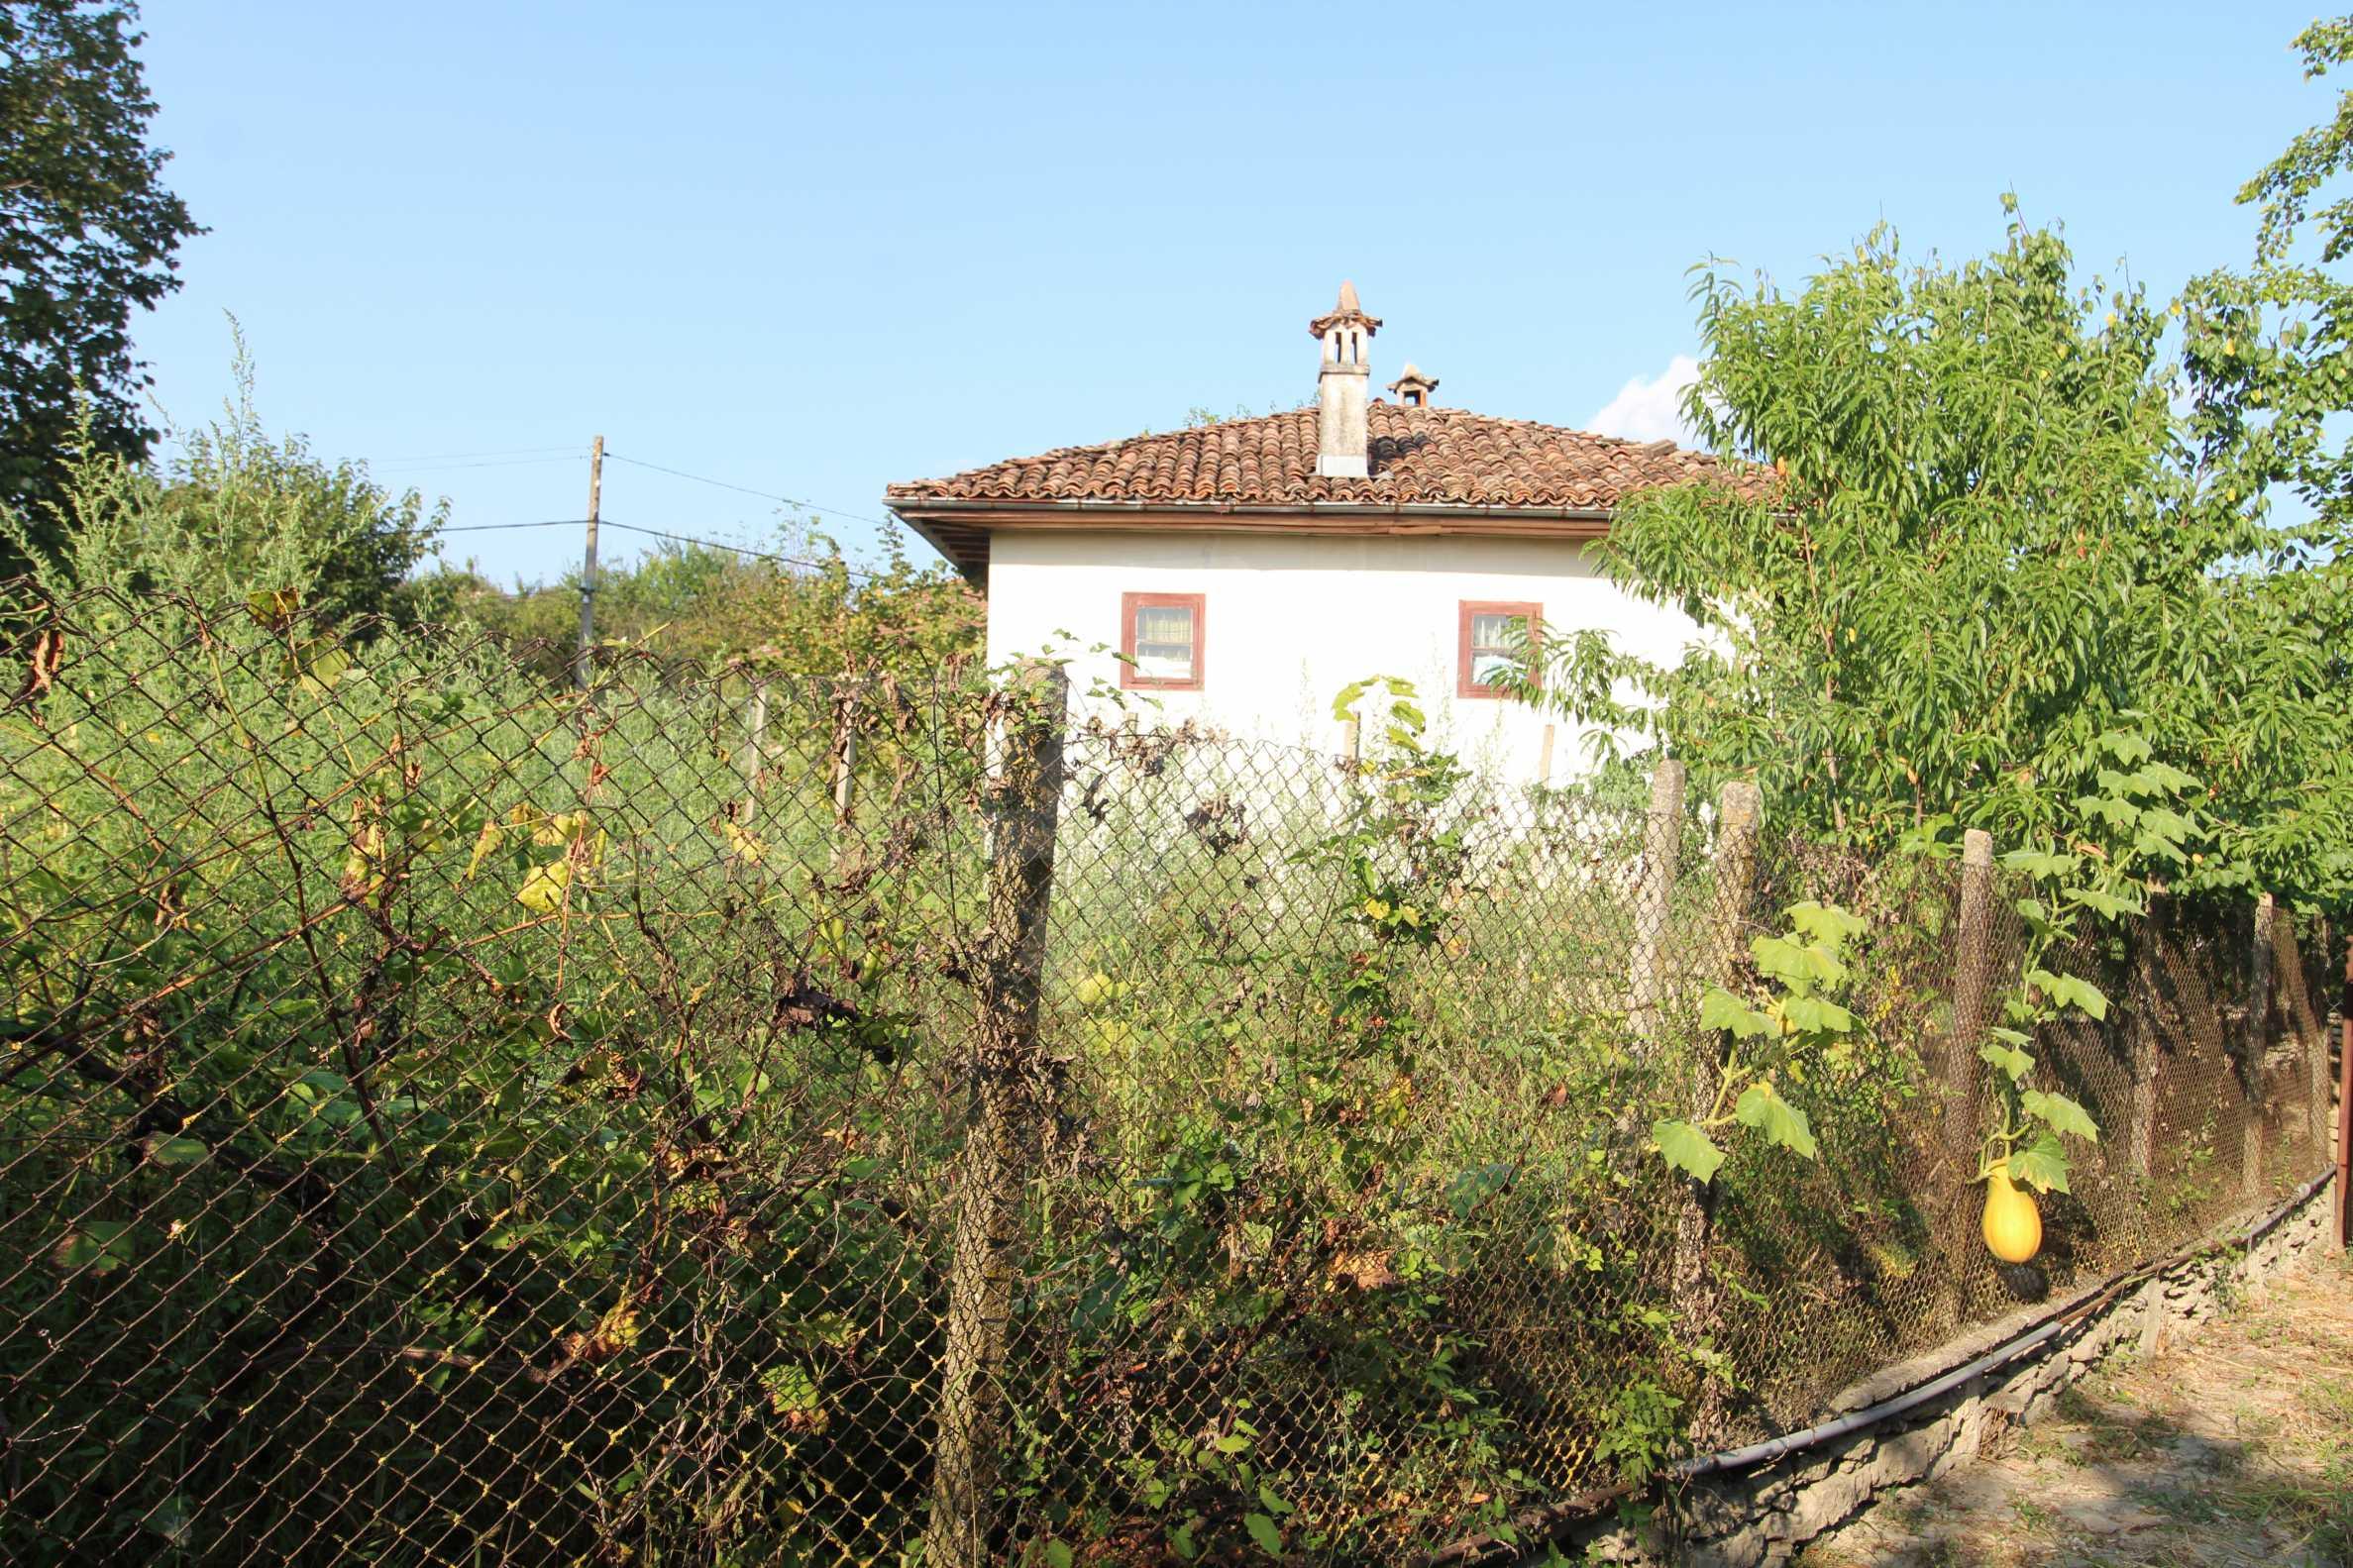 Zweistöckiges Haus mit Hof, 3 km von Weliko Tarnowo entfernt 2